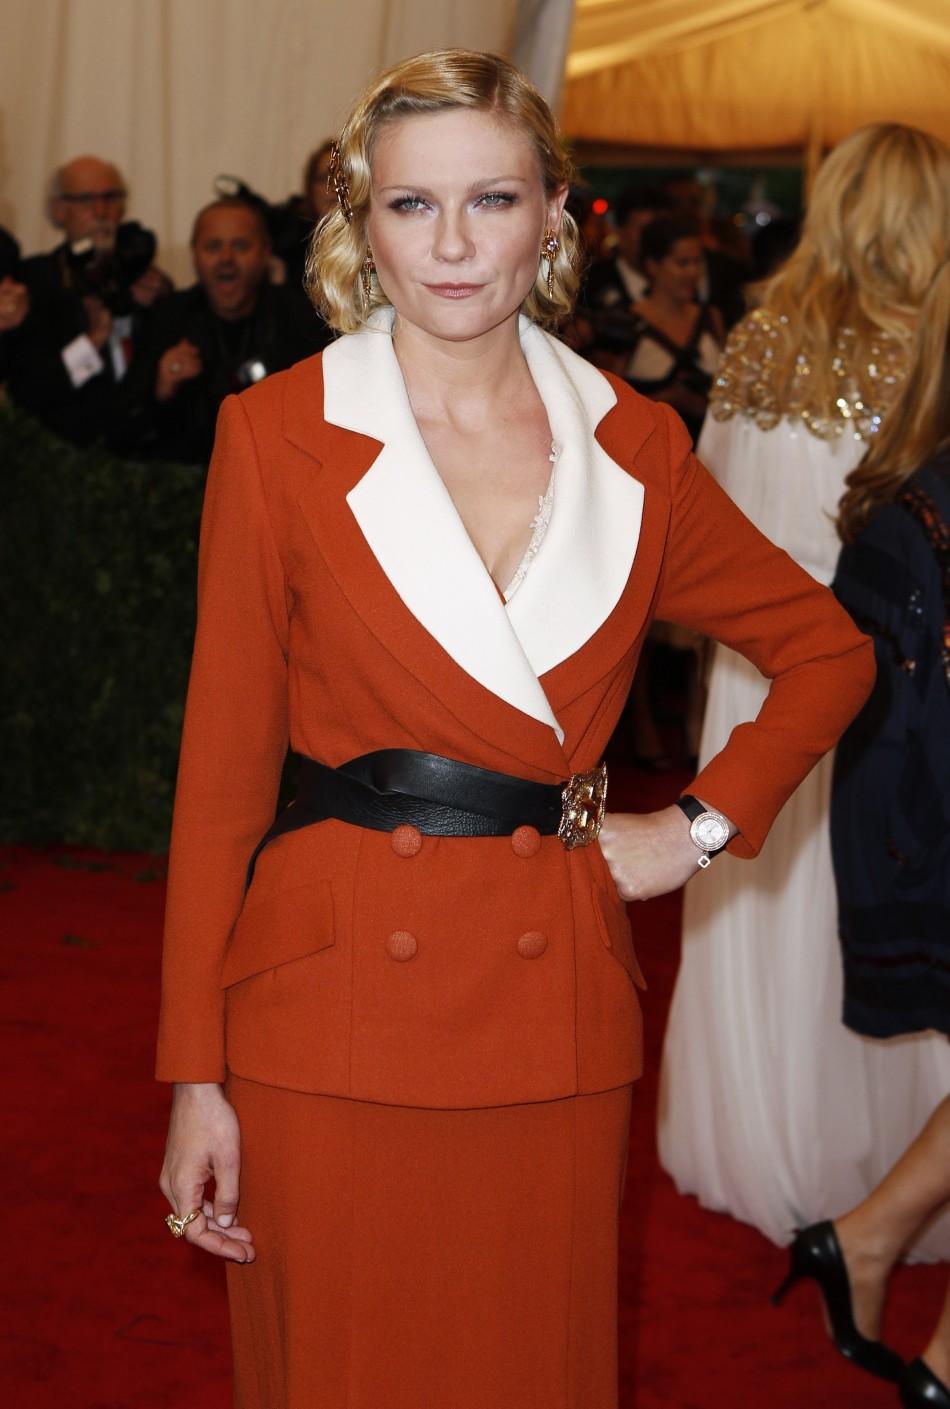 Actress Kirsten Dunst arrives at the Metropolitan Museum of Art Costume Institute Benefit in New York